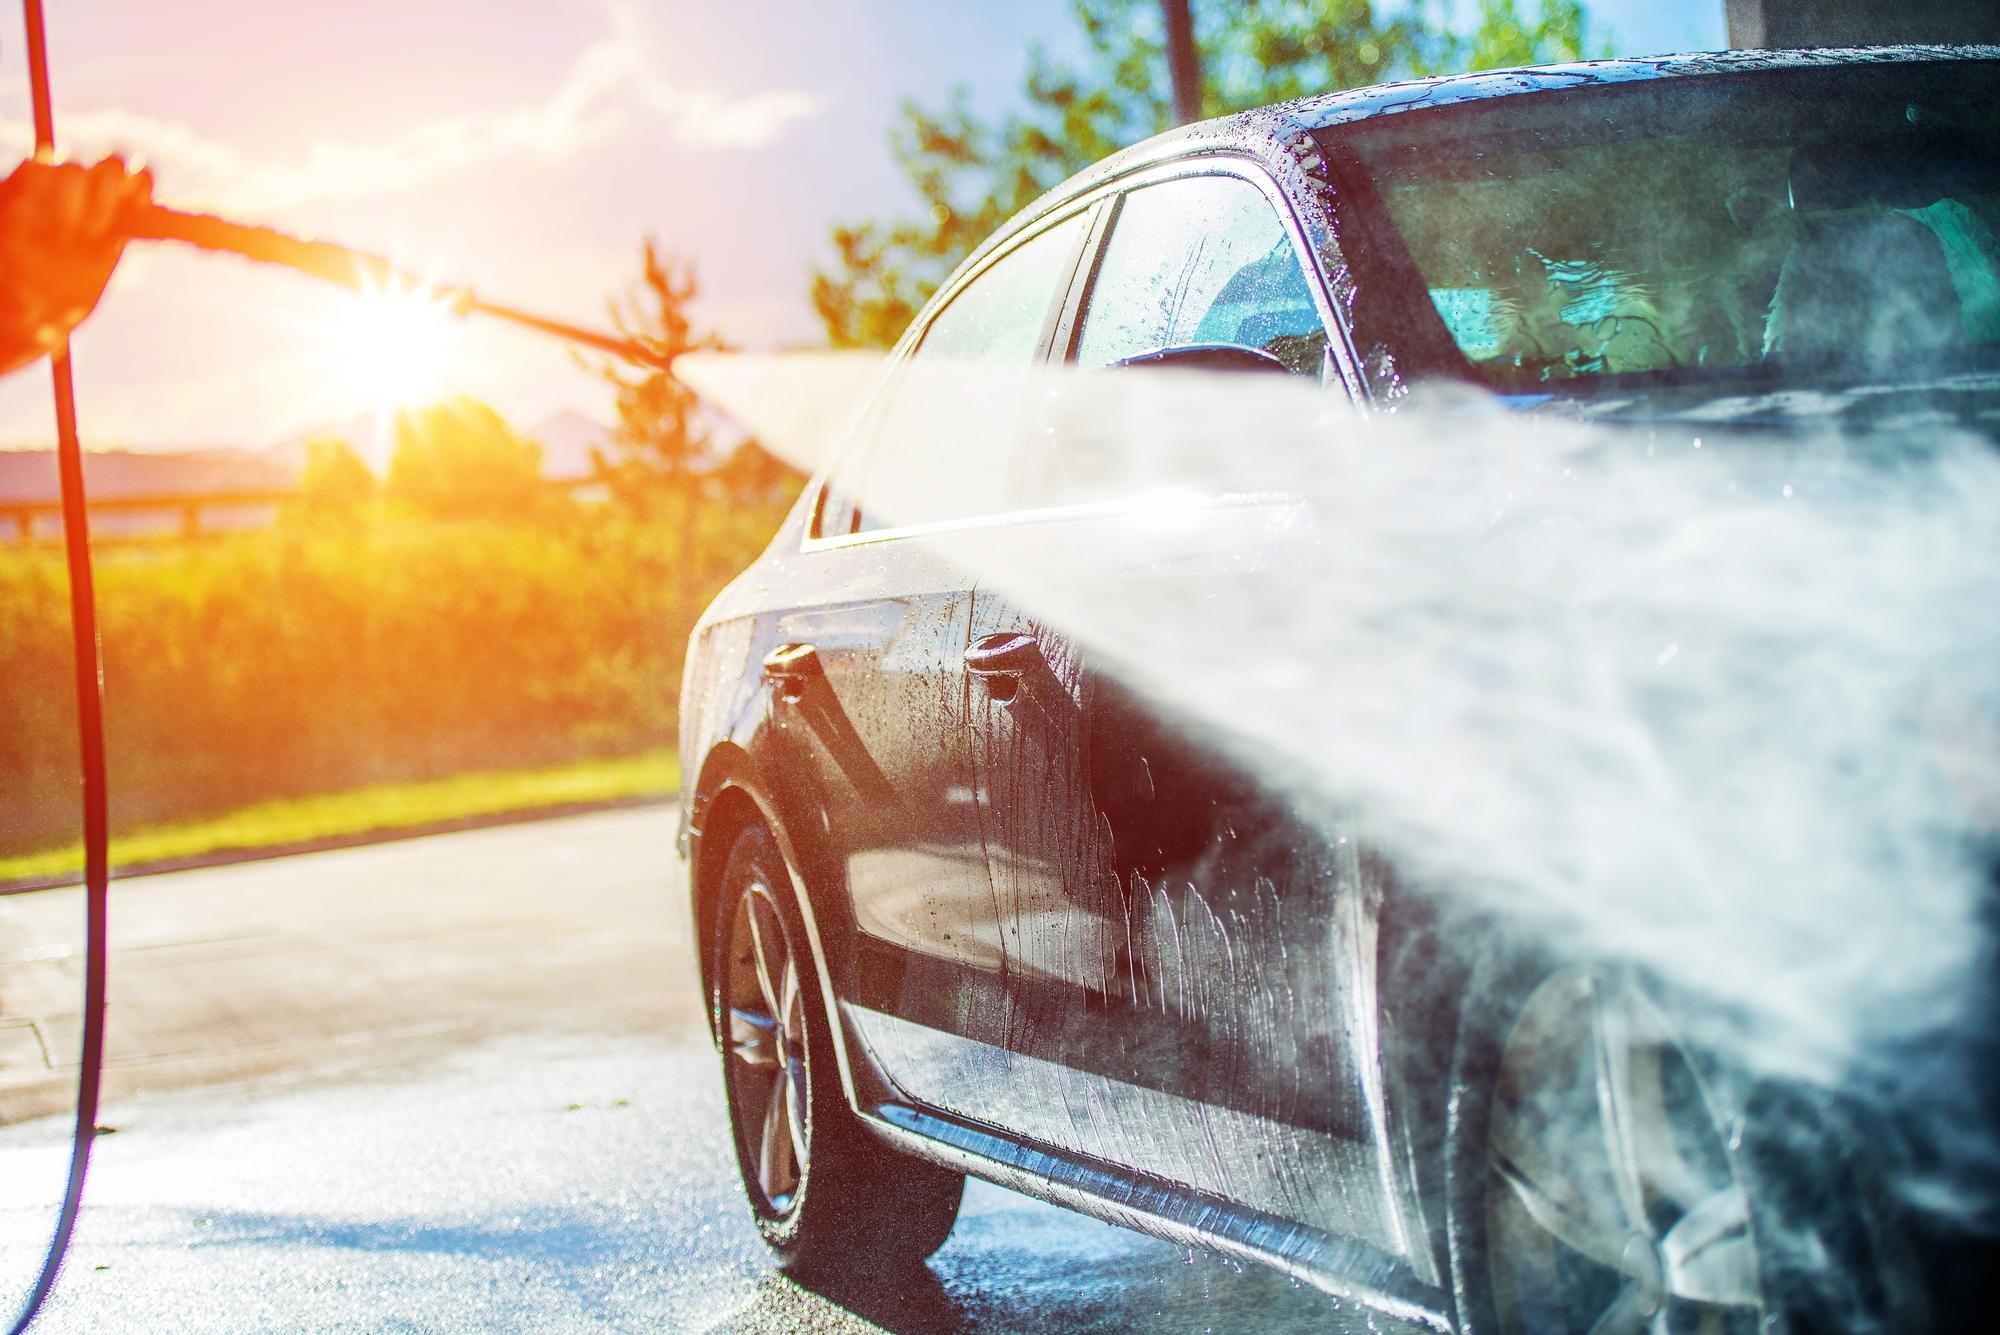 car wash slogans, car wash slogan ideas